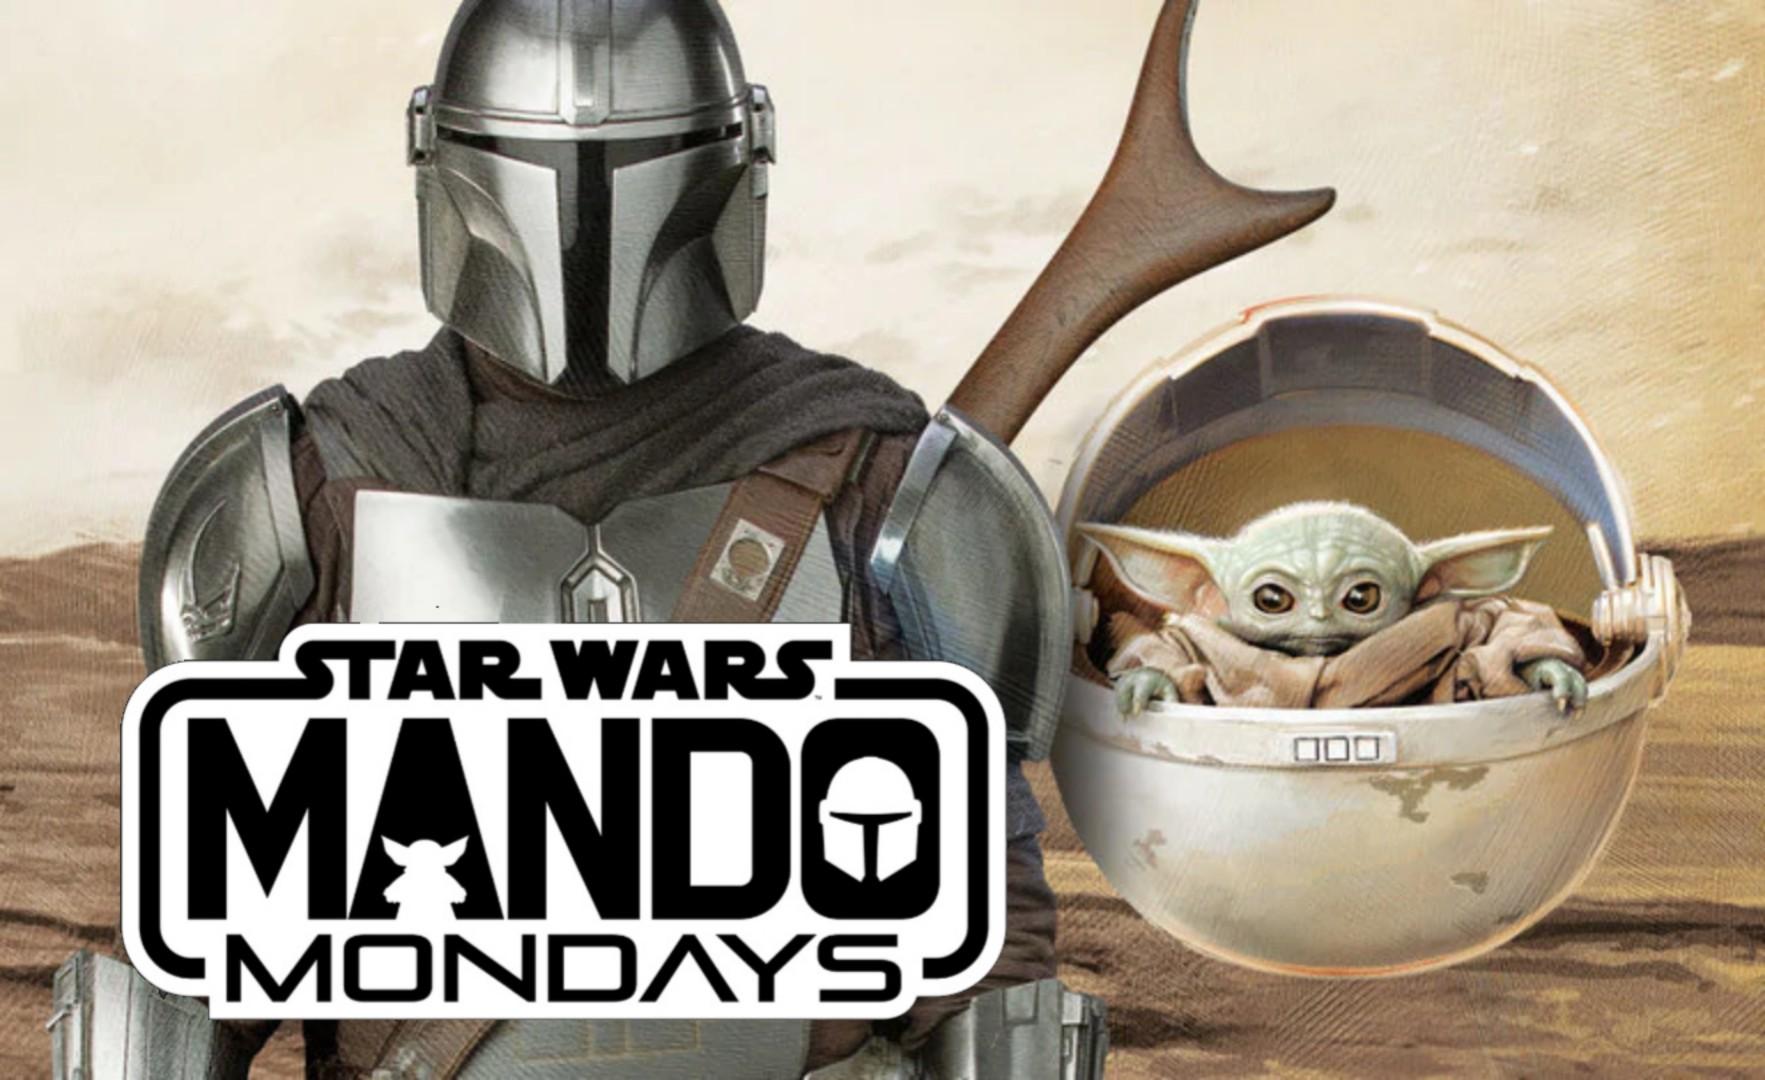 Mando Mondays: Nuevos productos y contenidos de la serie saldrán  semanalmente – La Biblioteca del Templo Jedi